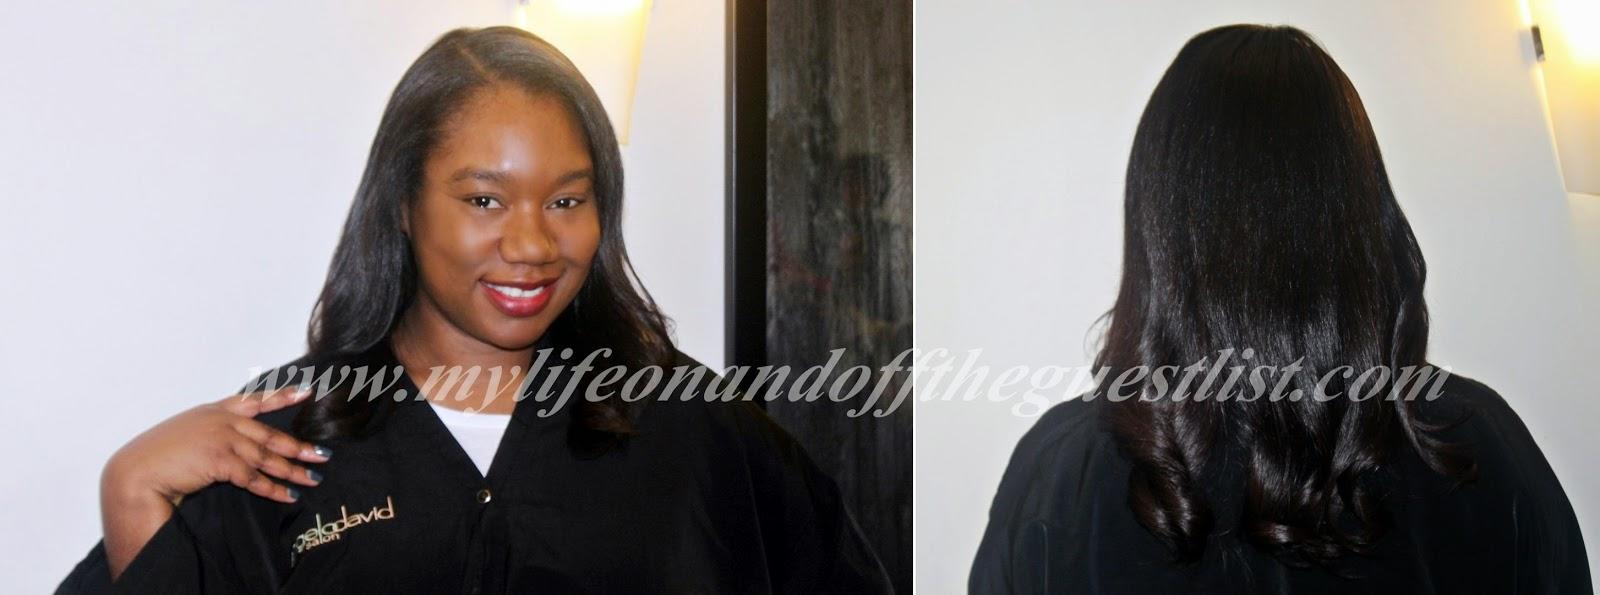 Angelo david salon hair www mylifeonandofftheguestlist com